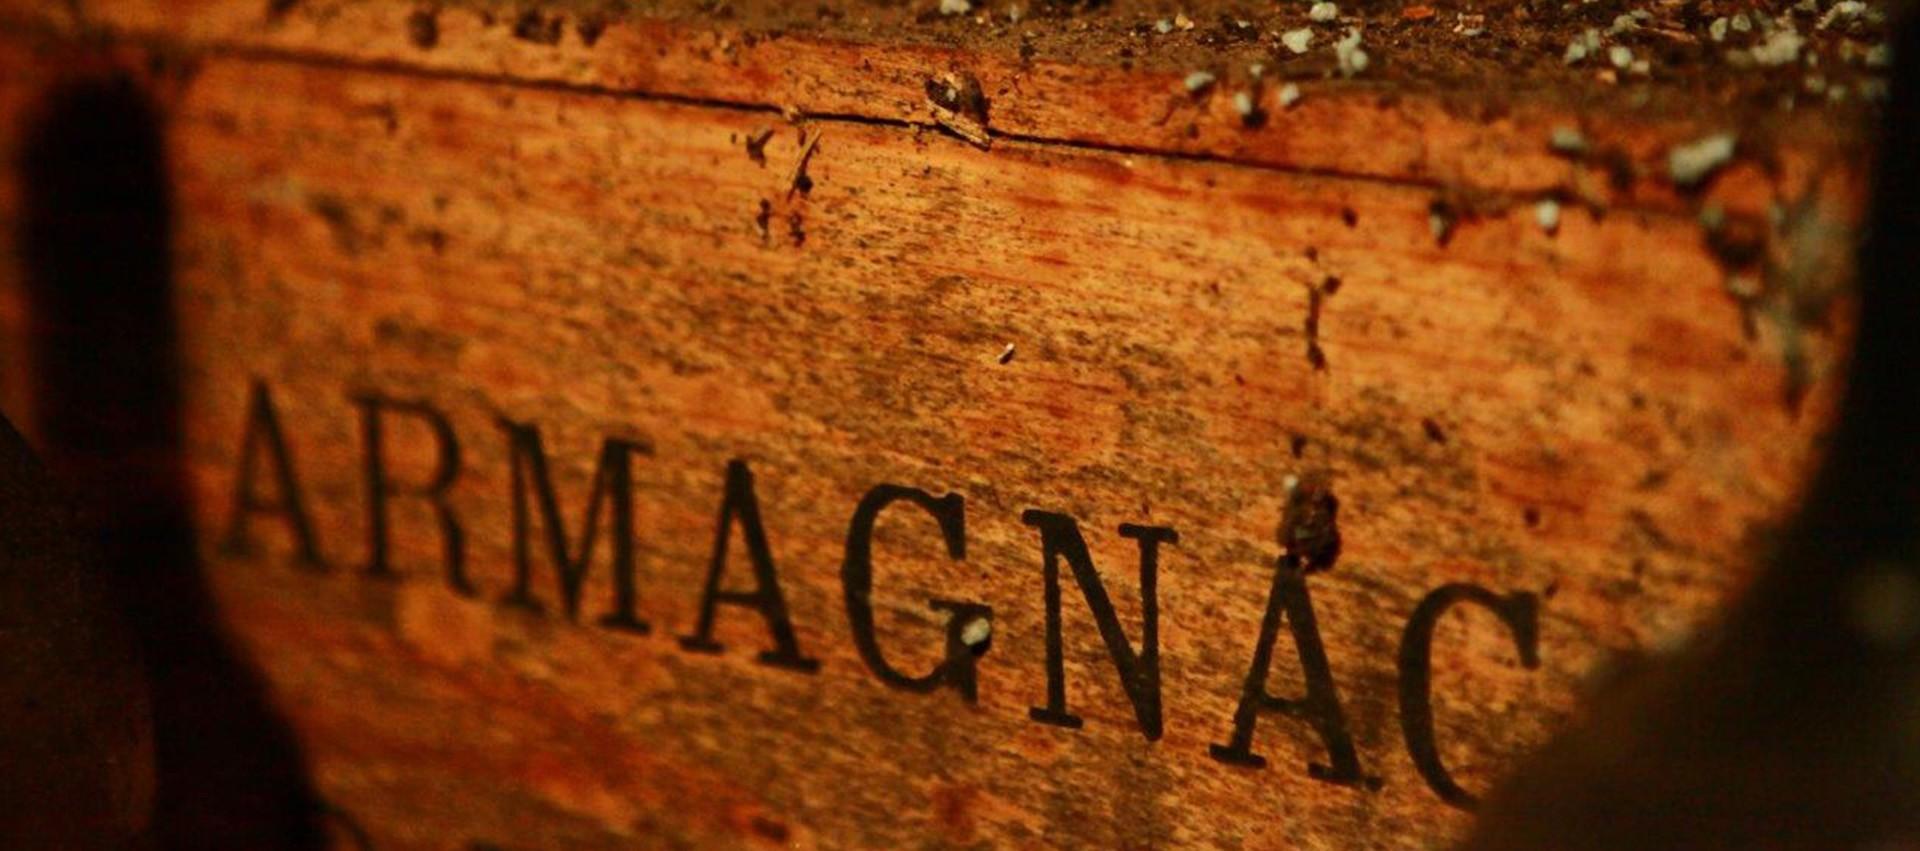 armagnac-1124